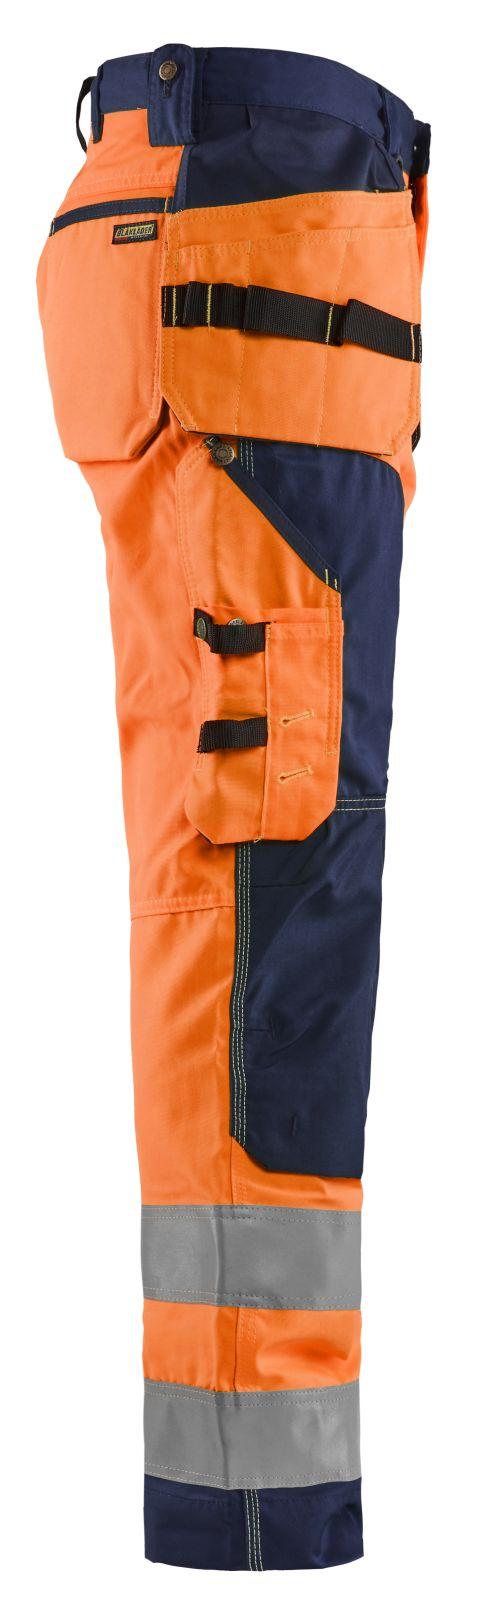 Blaklader Werkbroeken 15681811 High Vis oranje-marineblauw(5389)